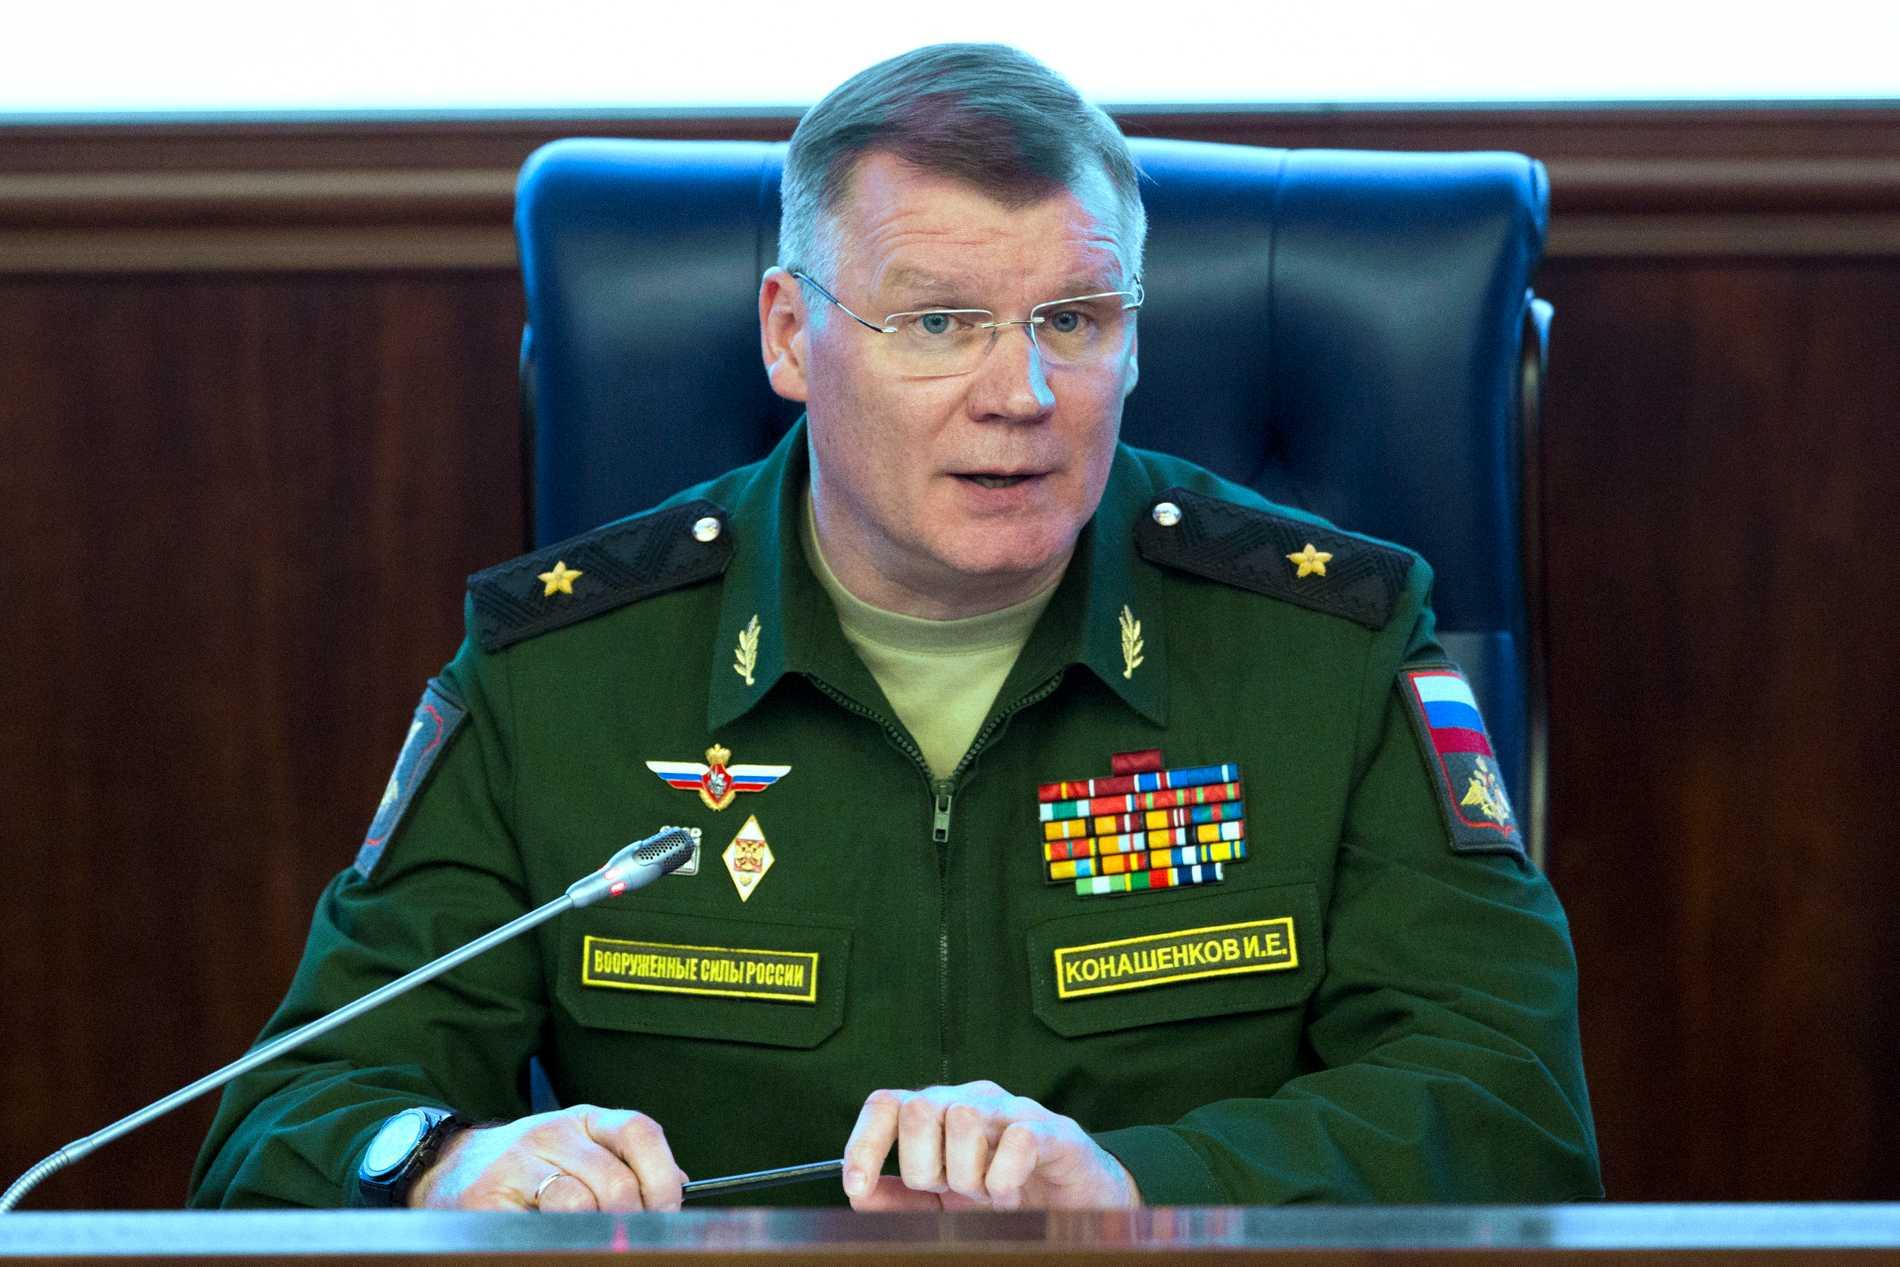 Ryske generalmajoren Igor Konashenkov anser att en ny turkisk insats i norra Syrien kan skada försöken att skapa stabilitet i området. Arkivbild